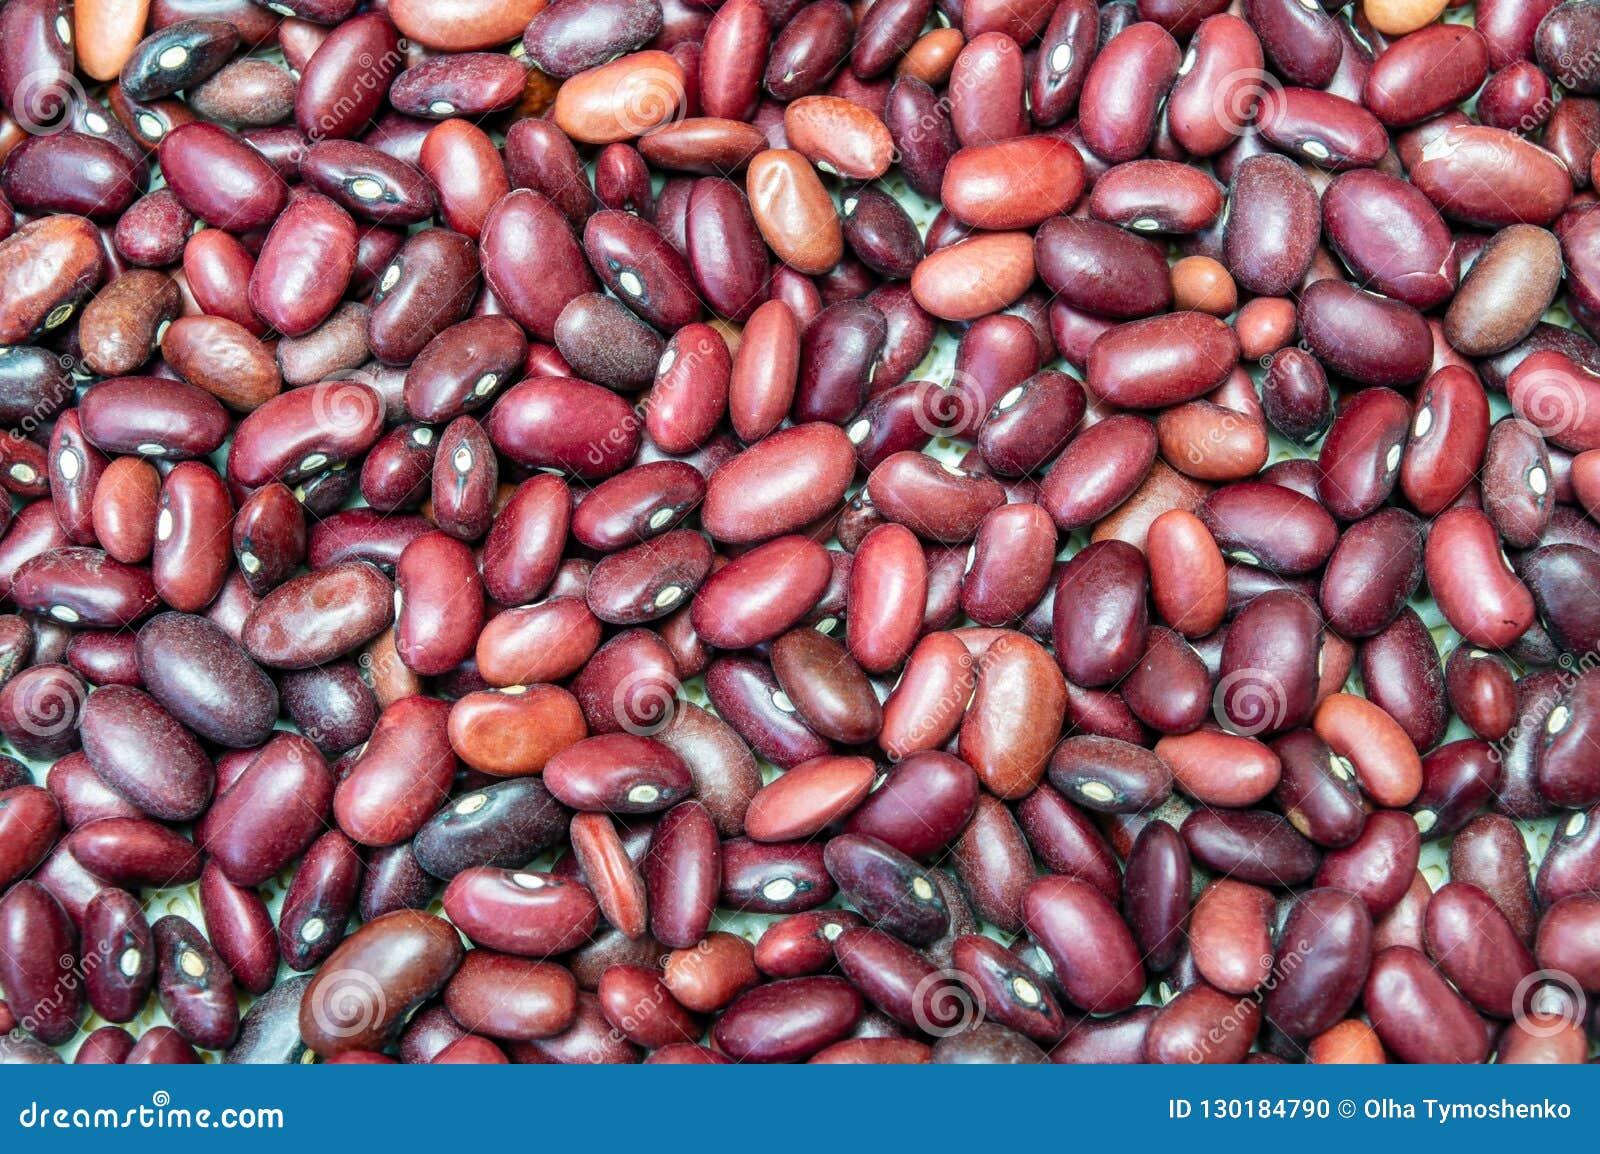 Organicznie purpurowa czerwona fasola zamknięta w górę jedzenia